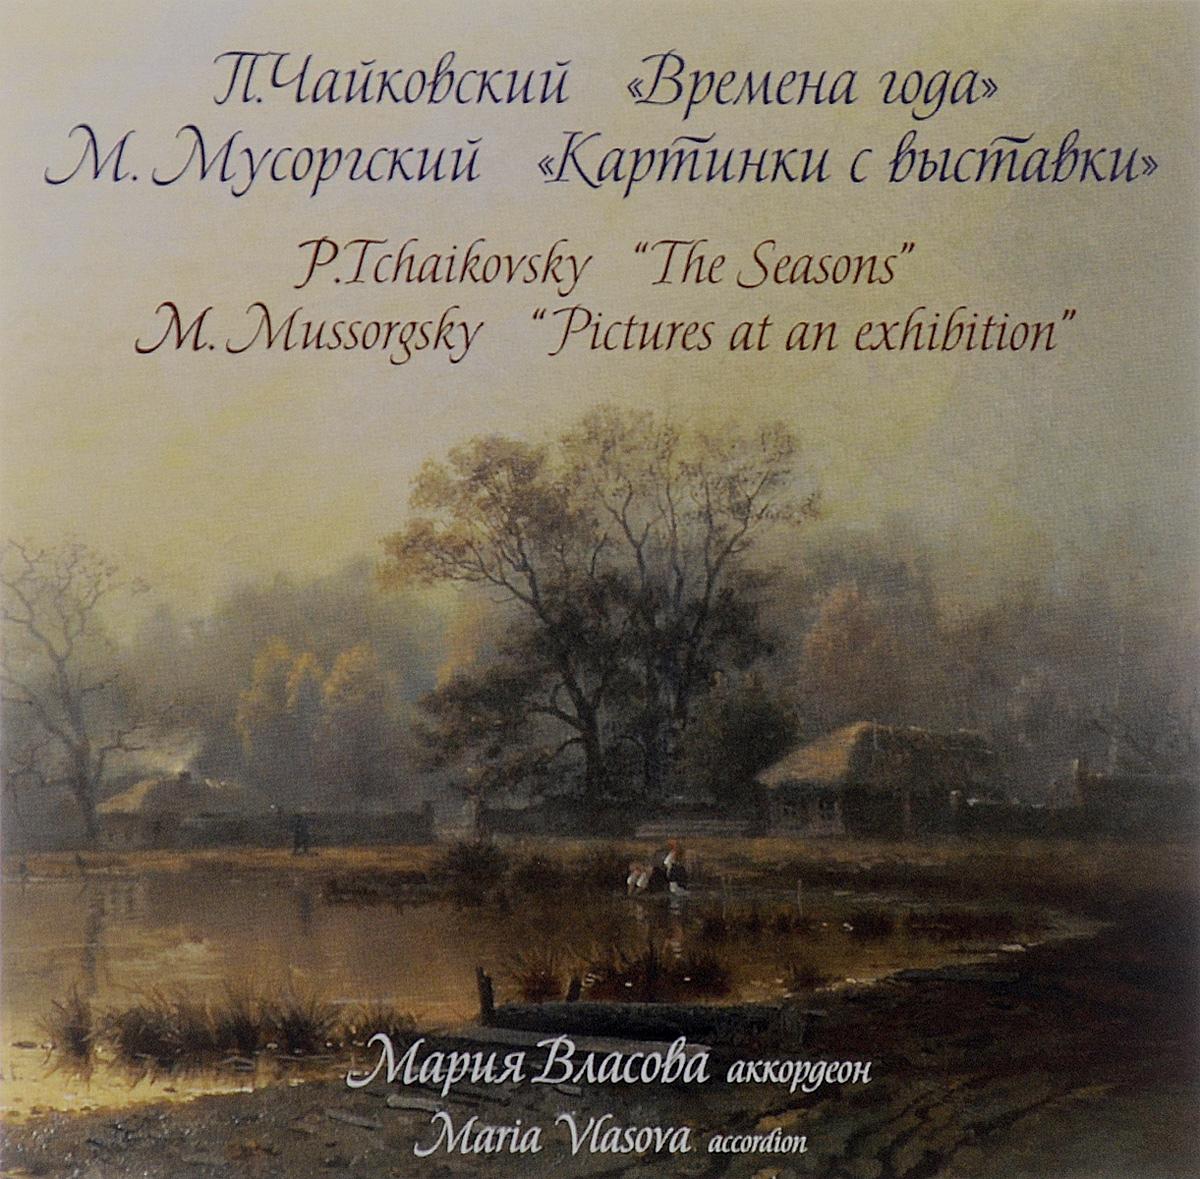 Издание содержит 4-страничный вкладыш с дополнительной информацией на русском и английском языках.